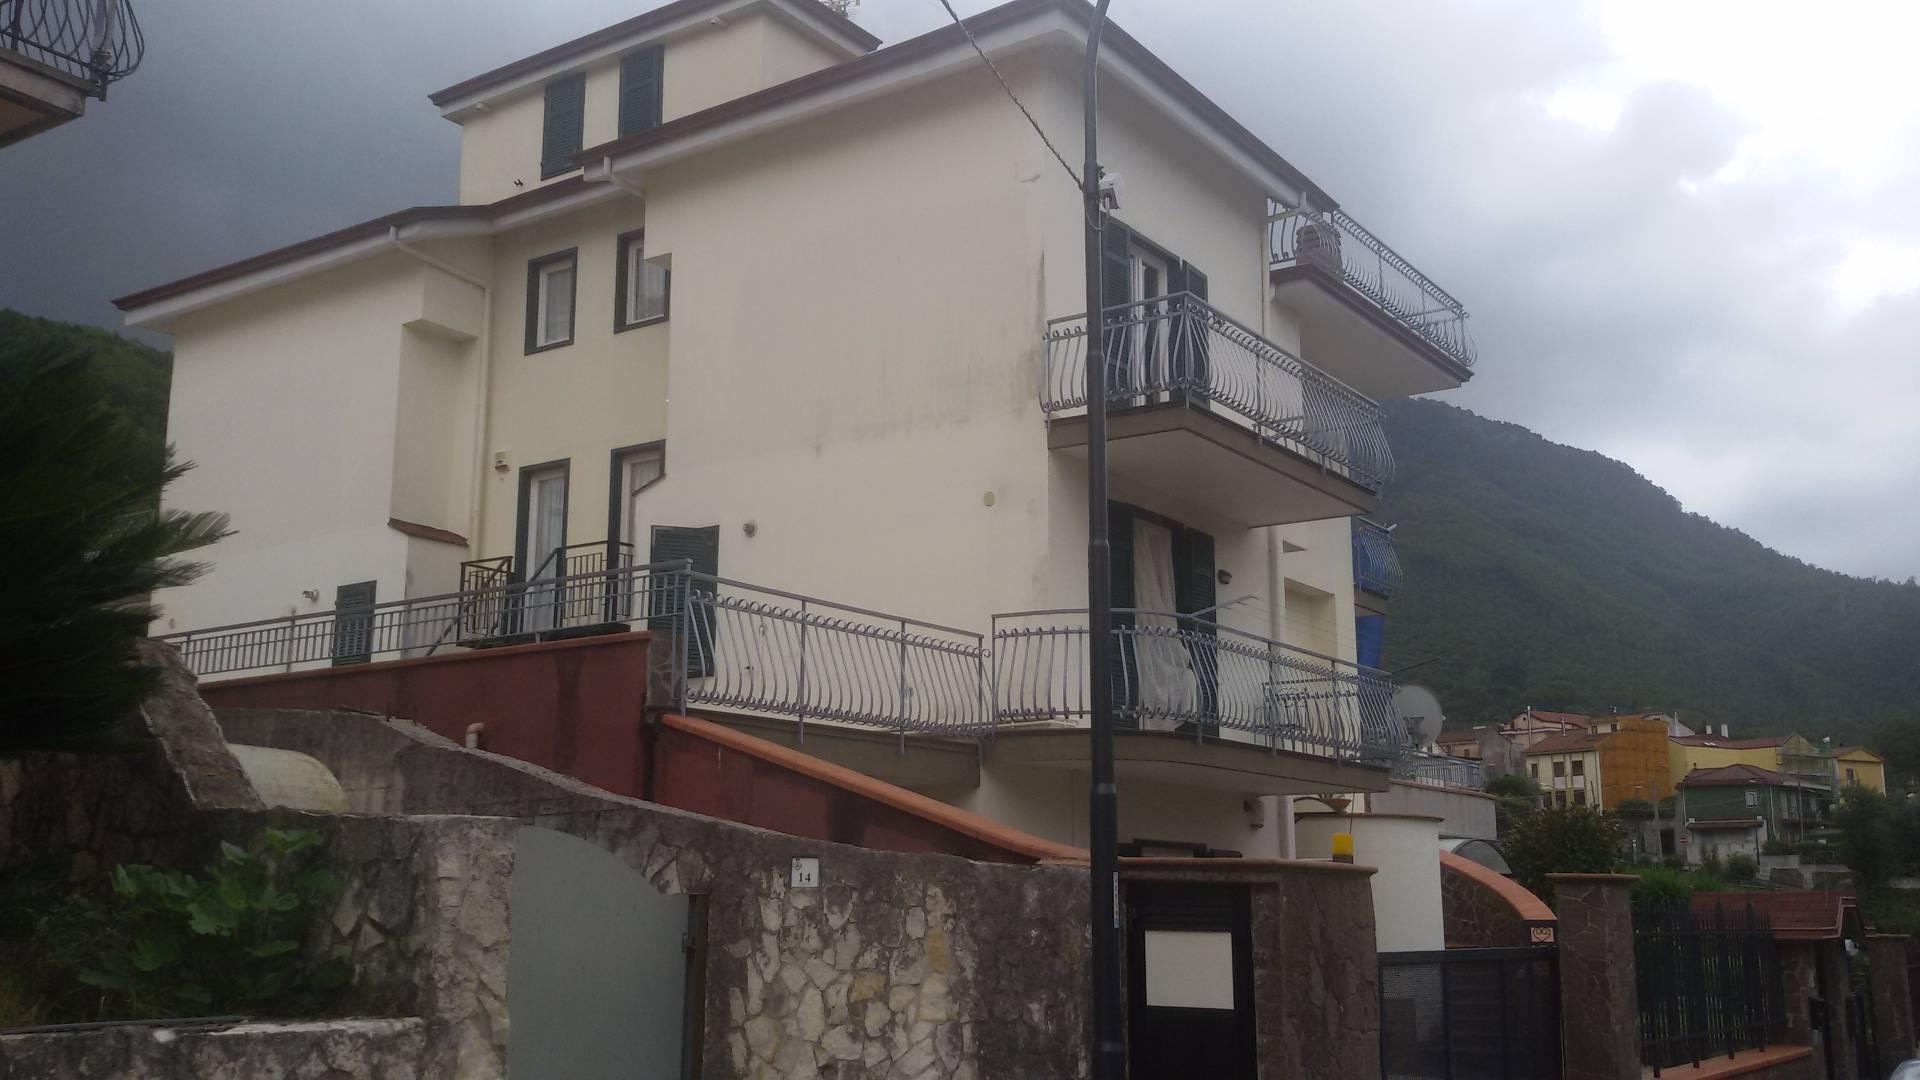 Villa in vendita a Baronissi, 5 locali, zona Zona: Caprecano, prezzo € 295.000 | Cambio Casa.it